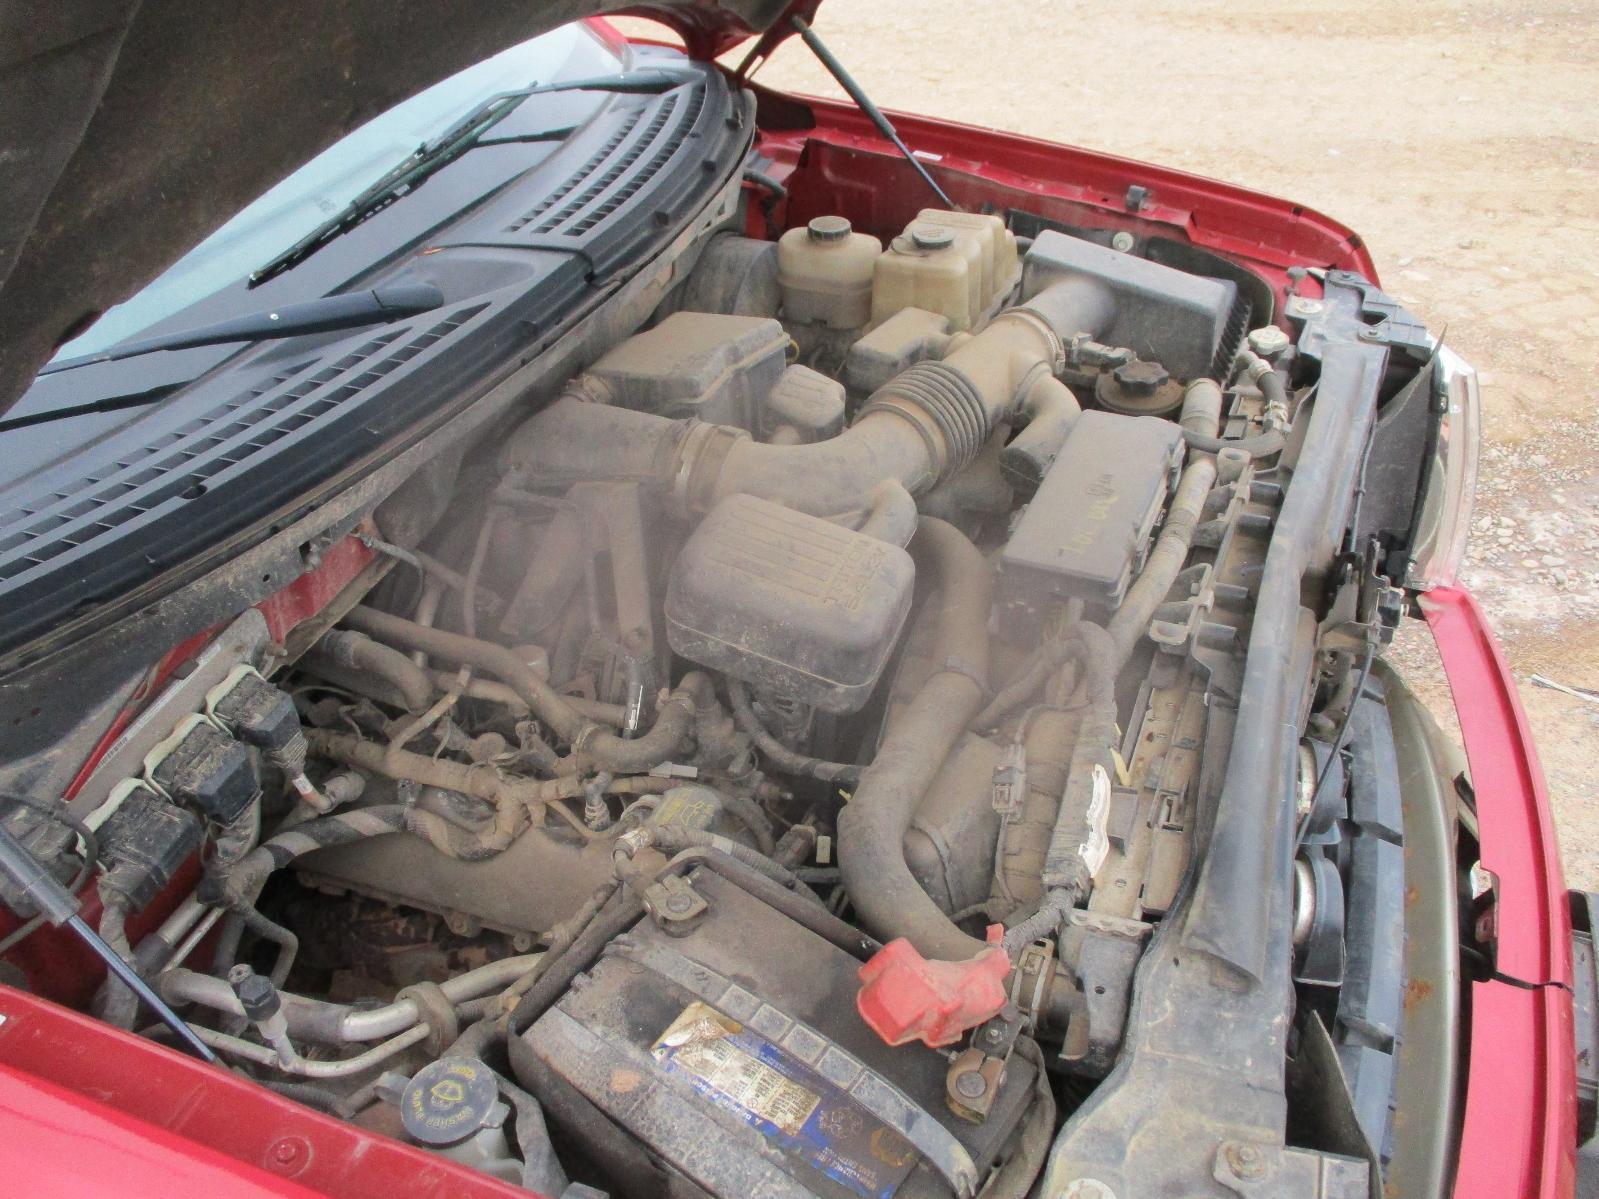 2009 Ford F-150 Super Crew Lariat 4×4 full